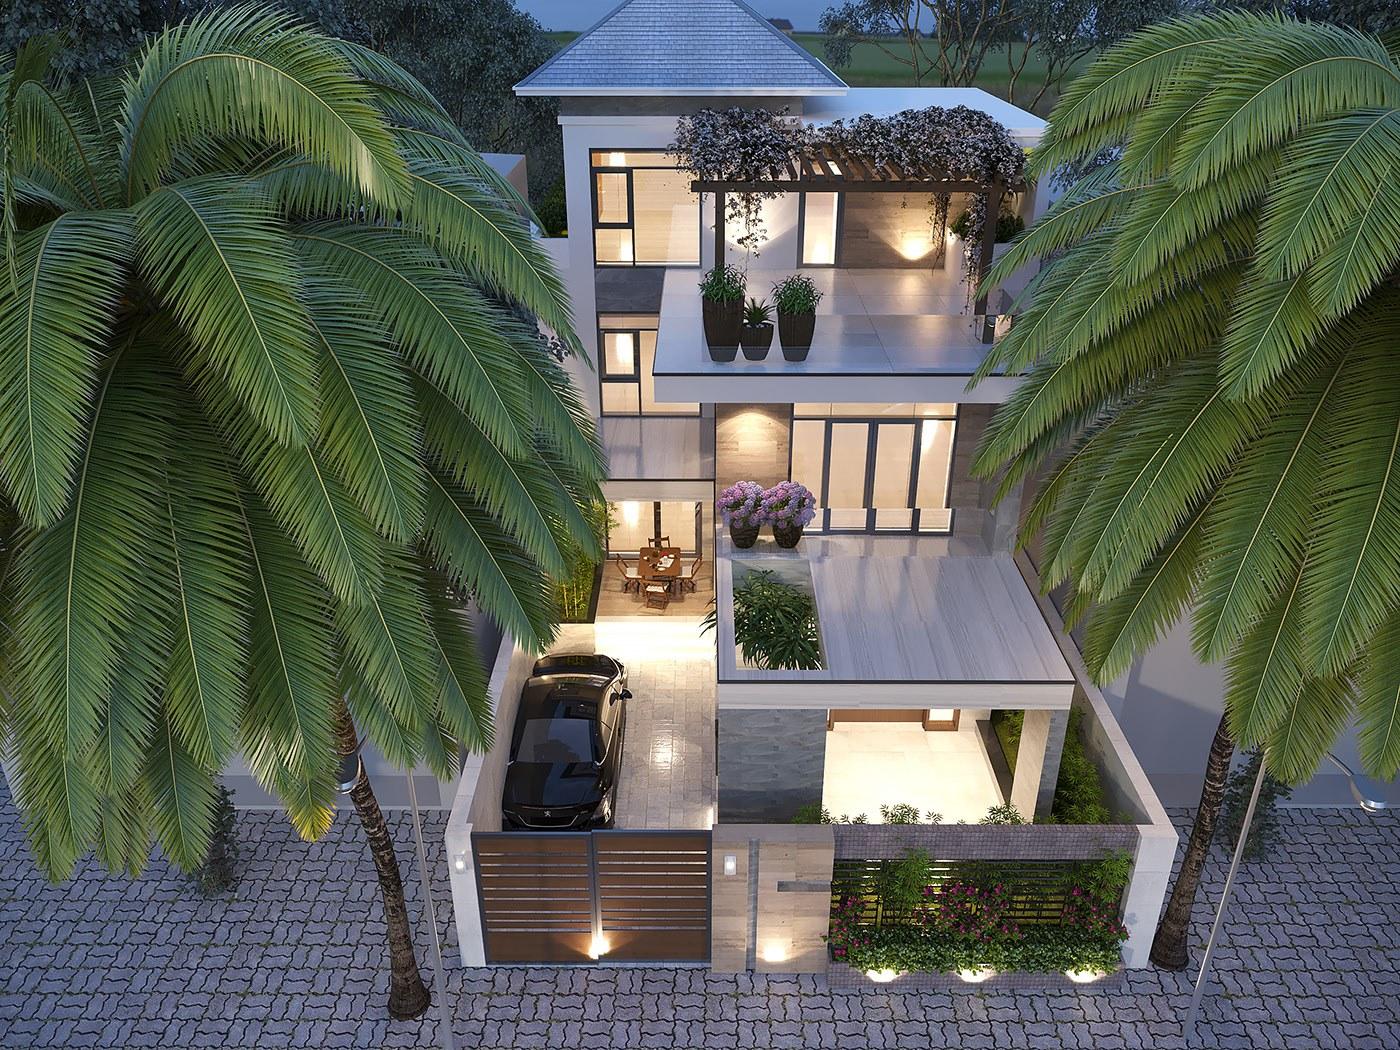 Mẫu thiết kế nhà 3 tầng chữ L hiện đại